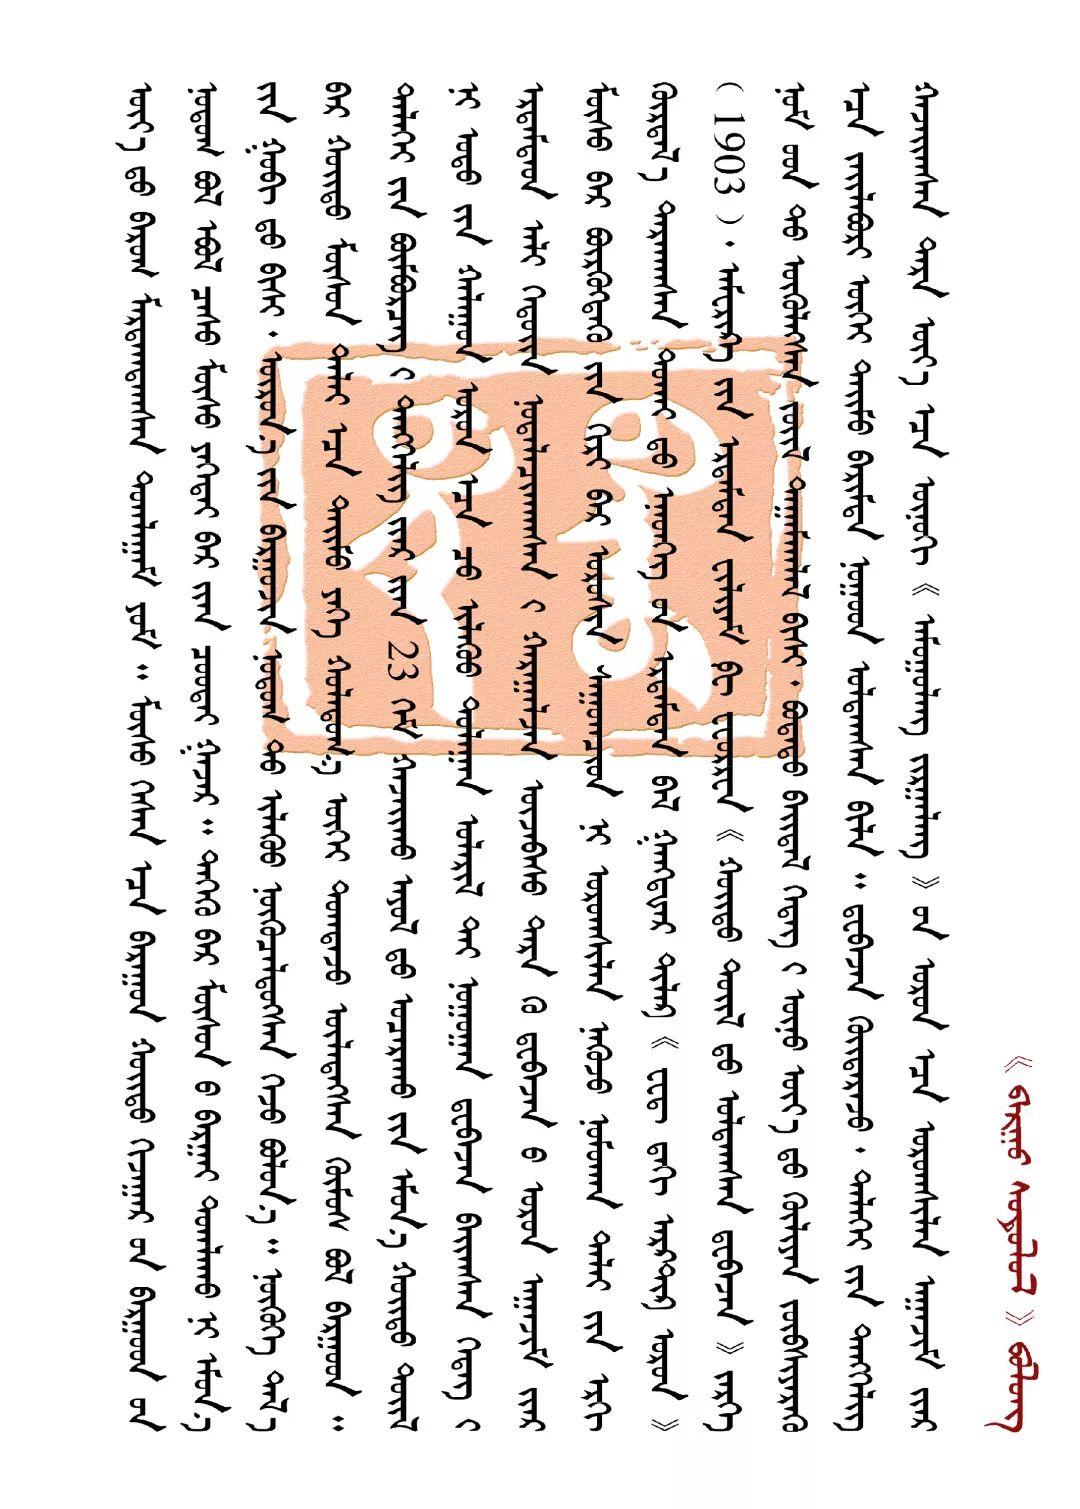 巴尔虎研究 【第三期】 第8张 巴尔虎研究 【第三期】 蒙古文化